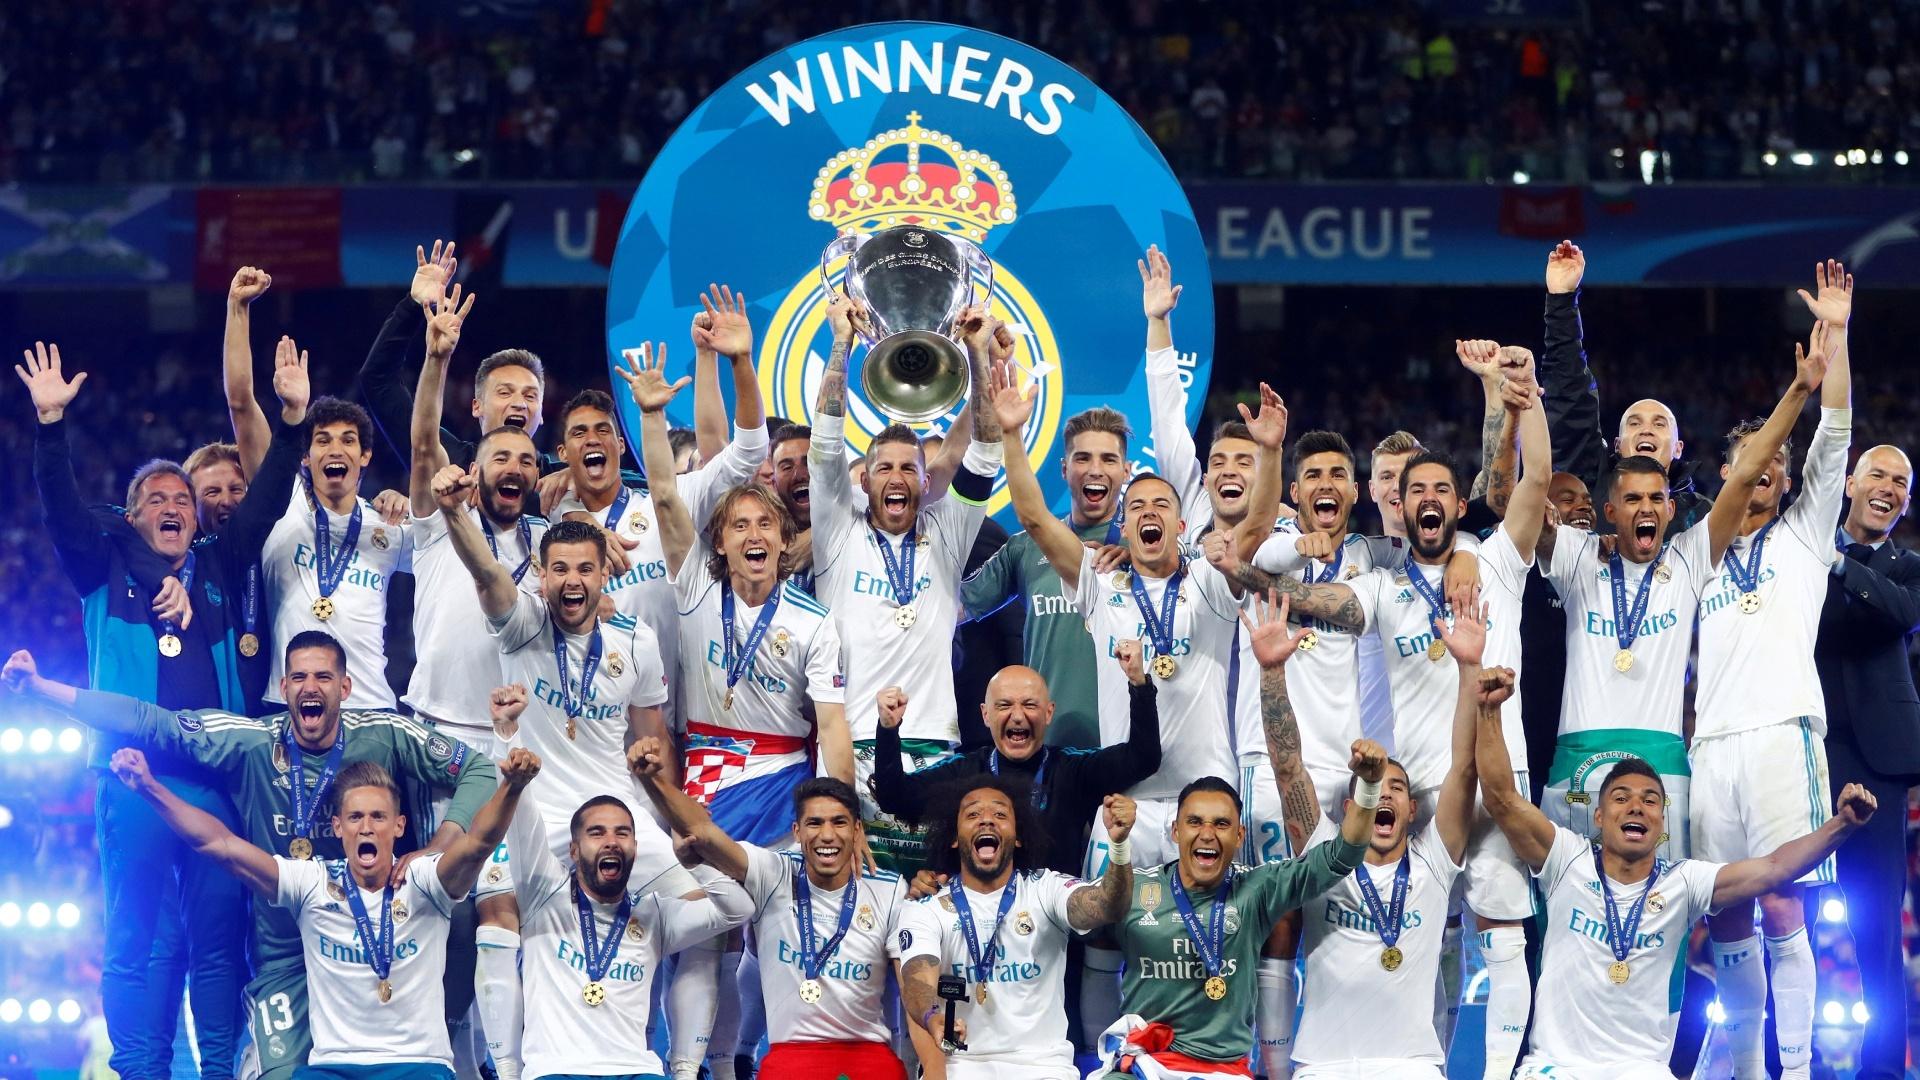 Elenco do Real deixa garrafas e leva lembranças de vestiário da Champions -  Esporte - BOL c66a4ca6d4035